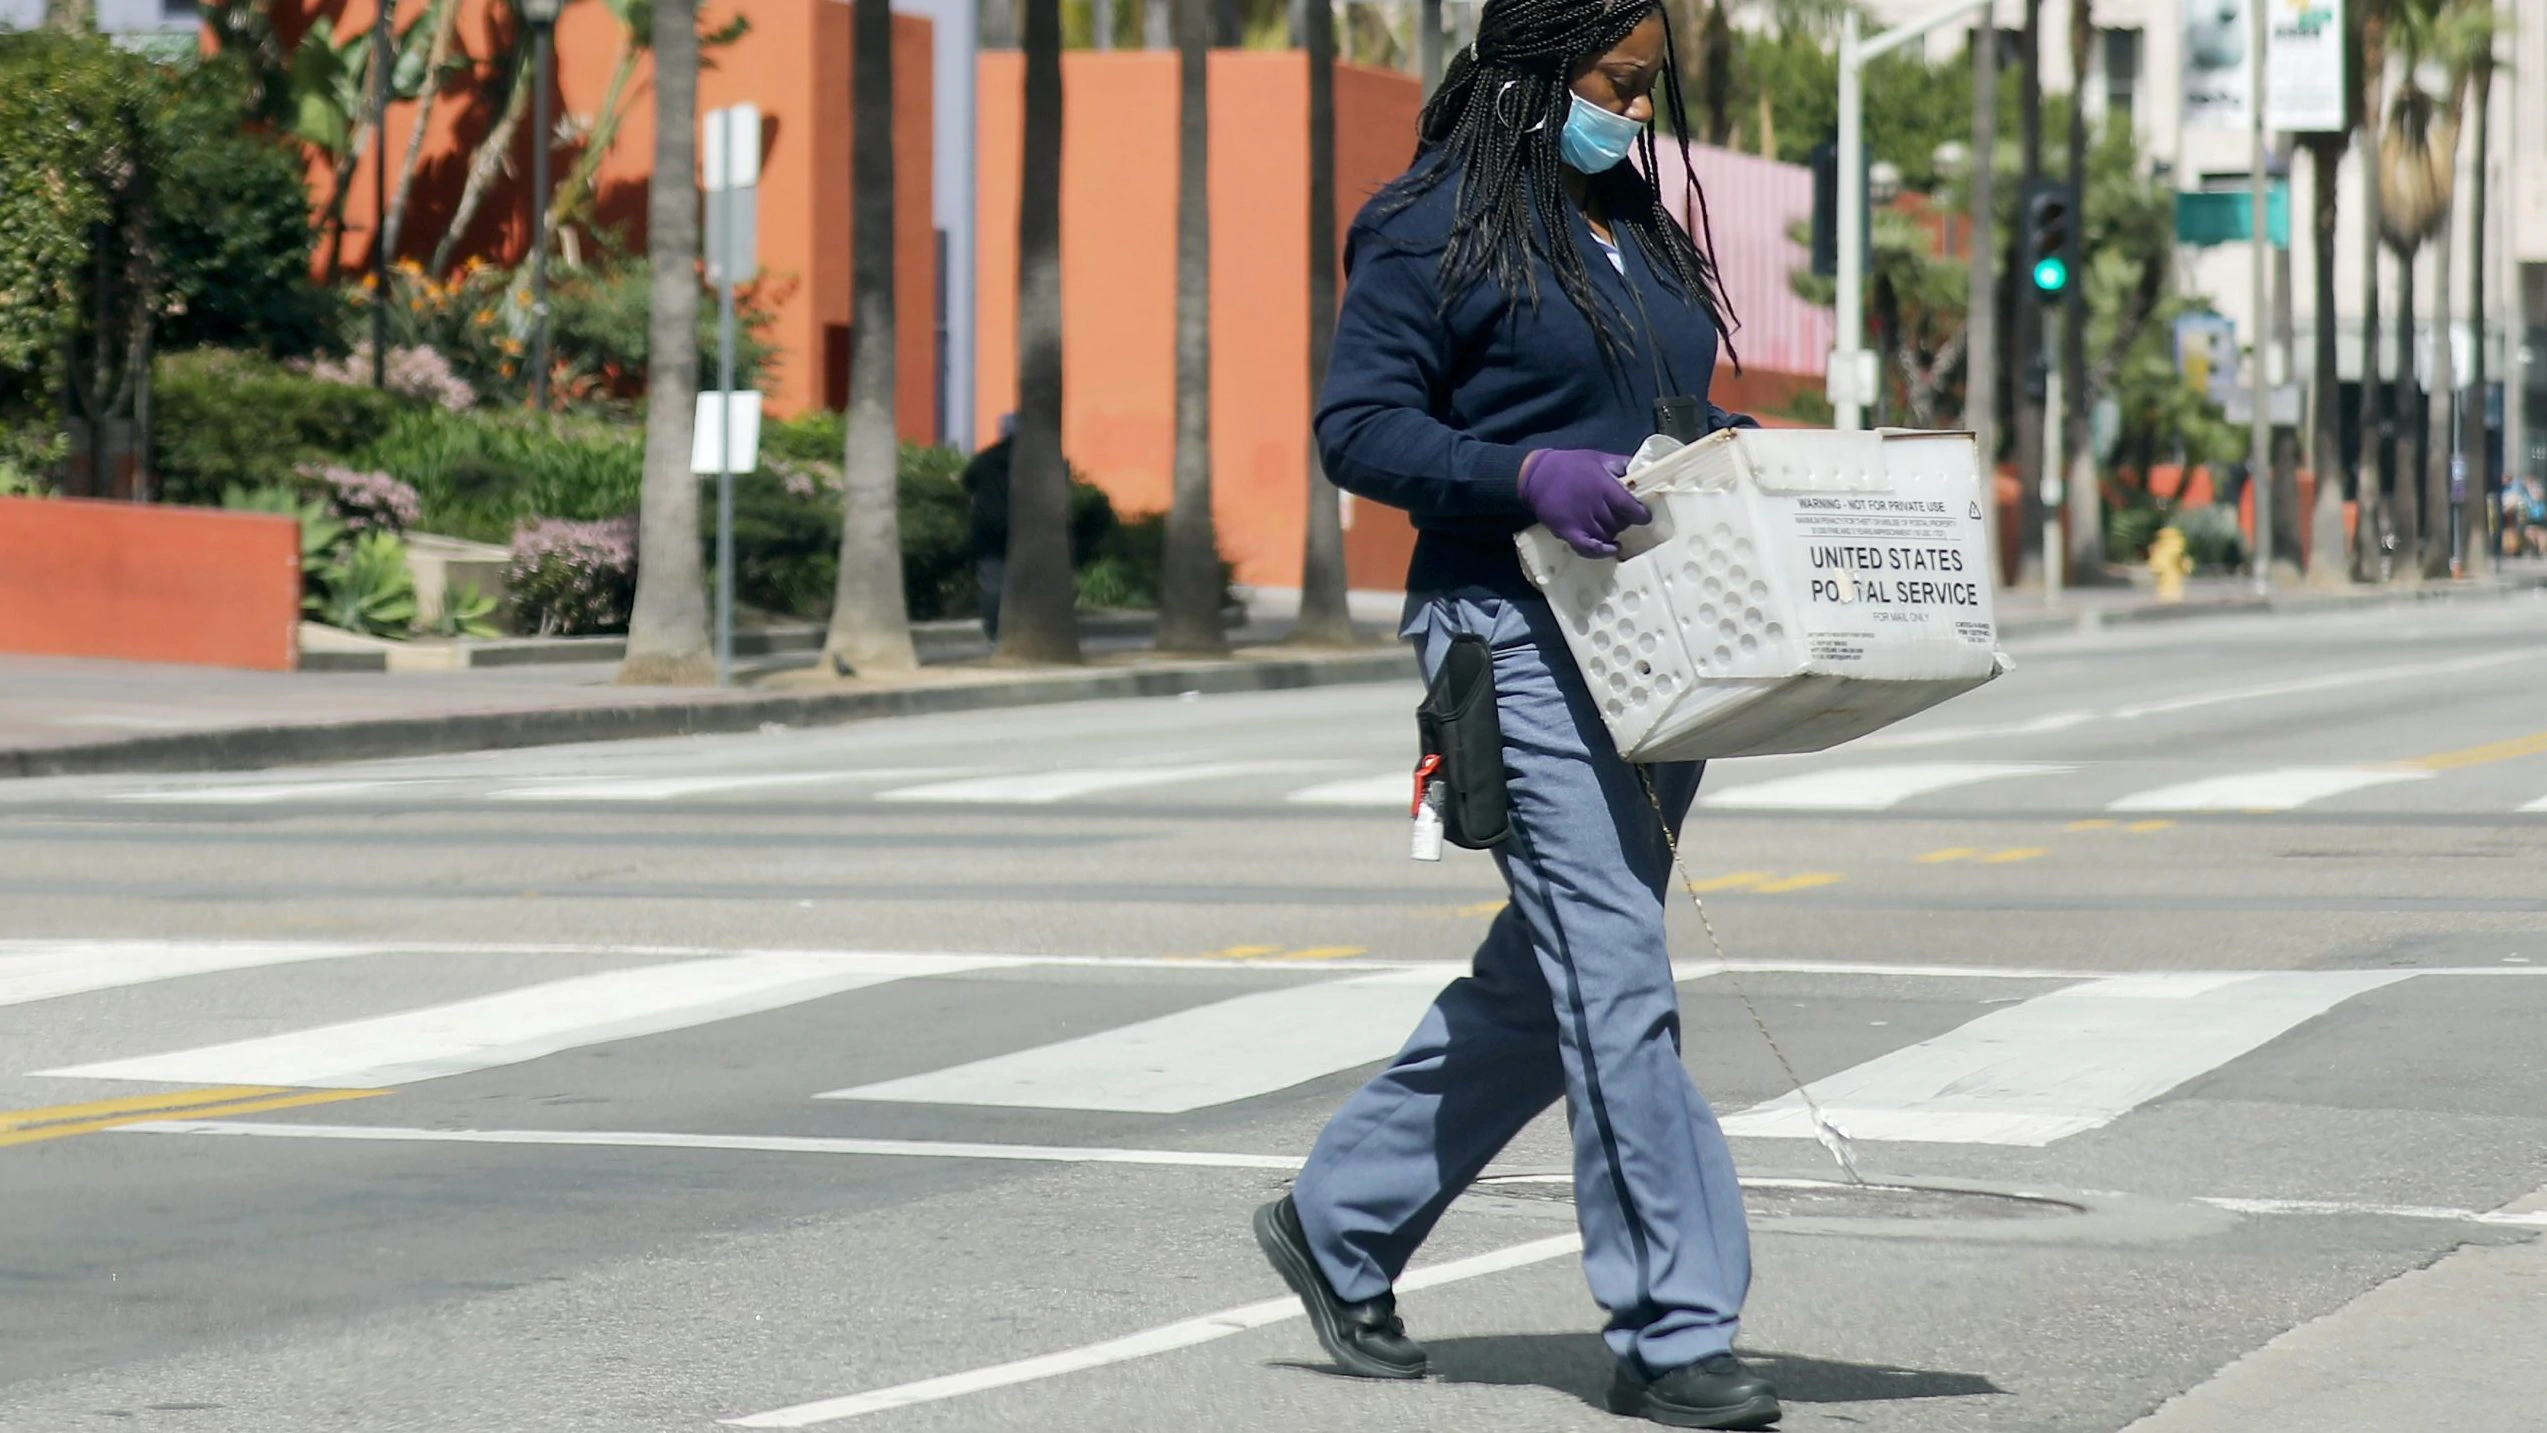 美国一周内新增失业328万人,风险资产不跌反而暴涨,因救助法案提供了缓冲